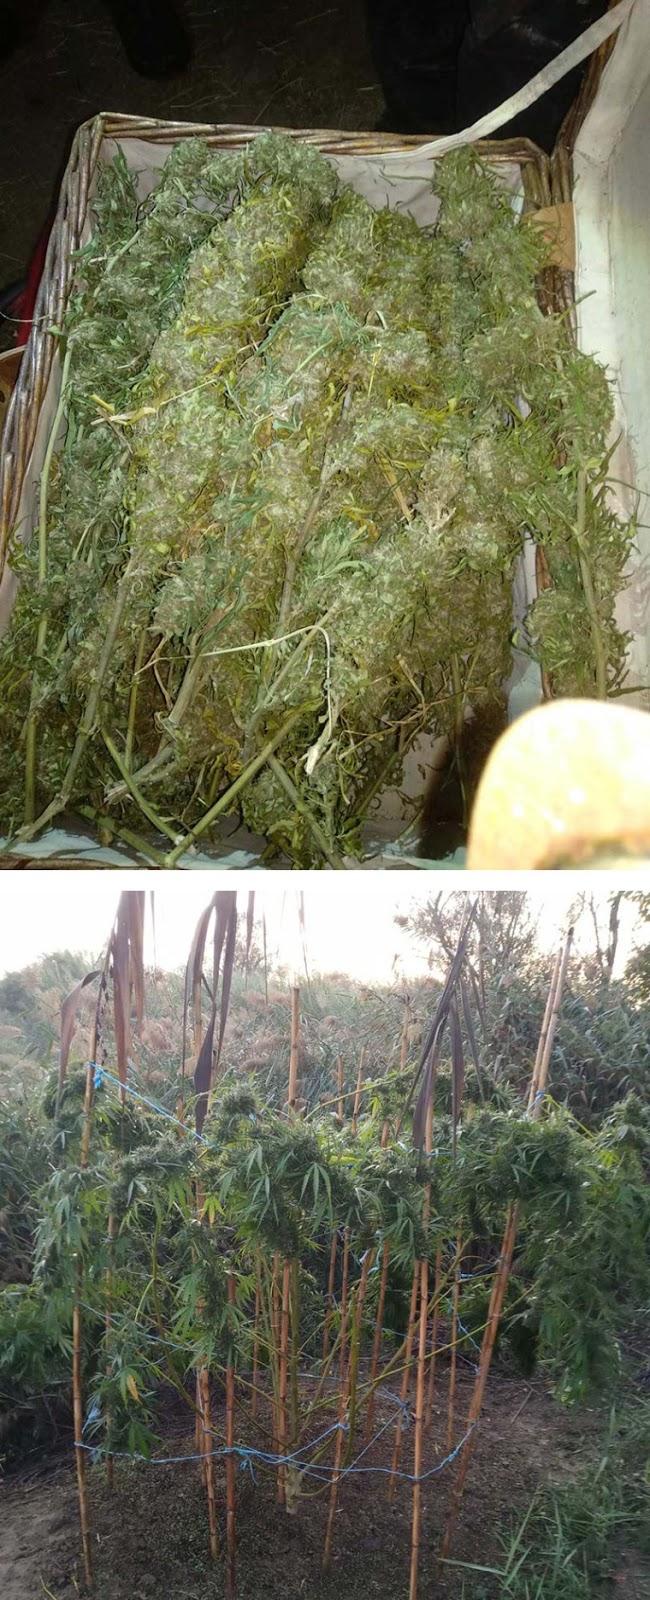 Χειροπέδες σε 38χρονο για καλλιέργεια χασίς σε περιοχή του Παναιτωλίου (φωτο) - Φωτογραφία 2